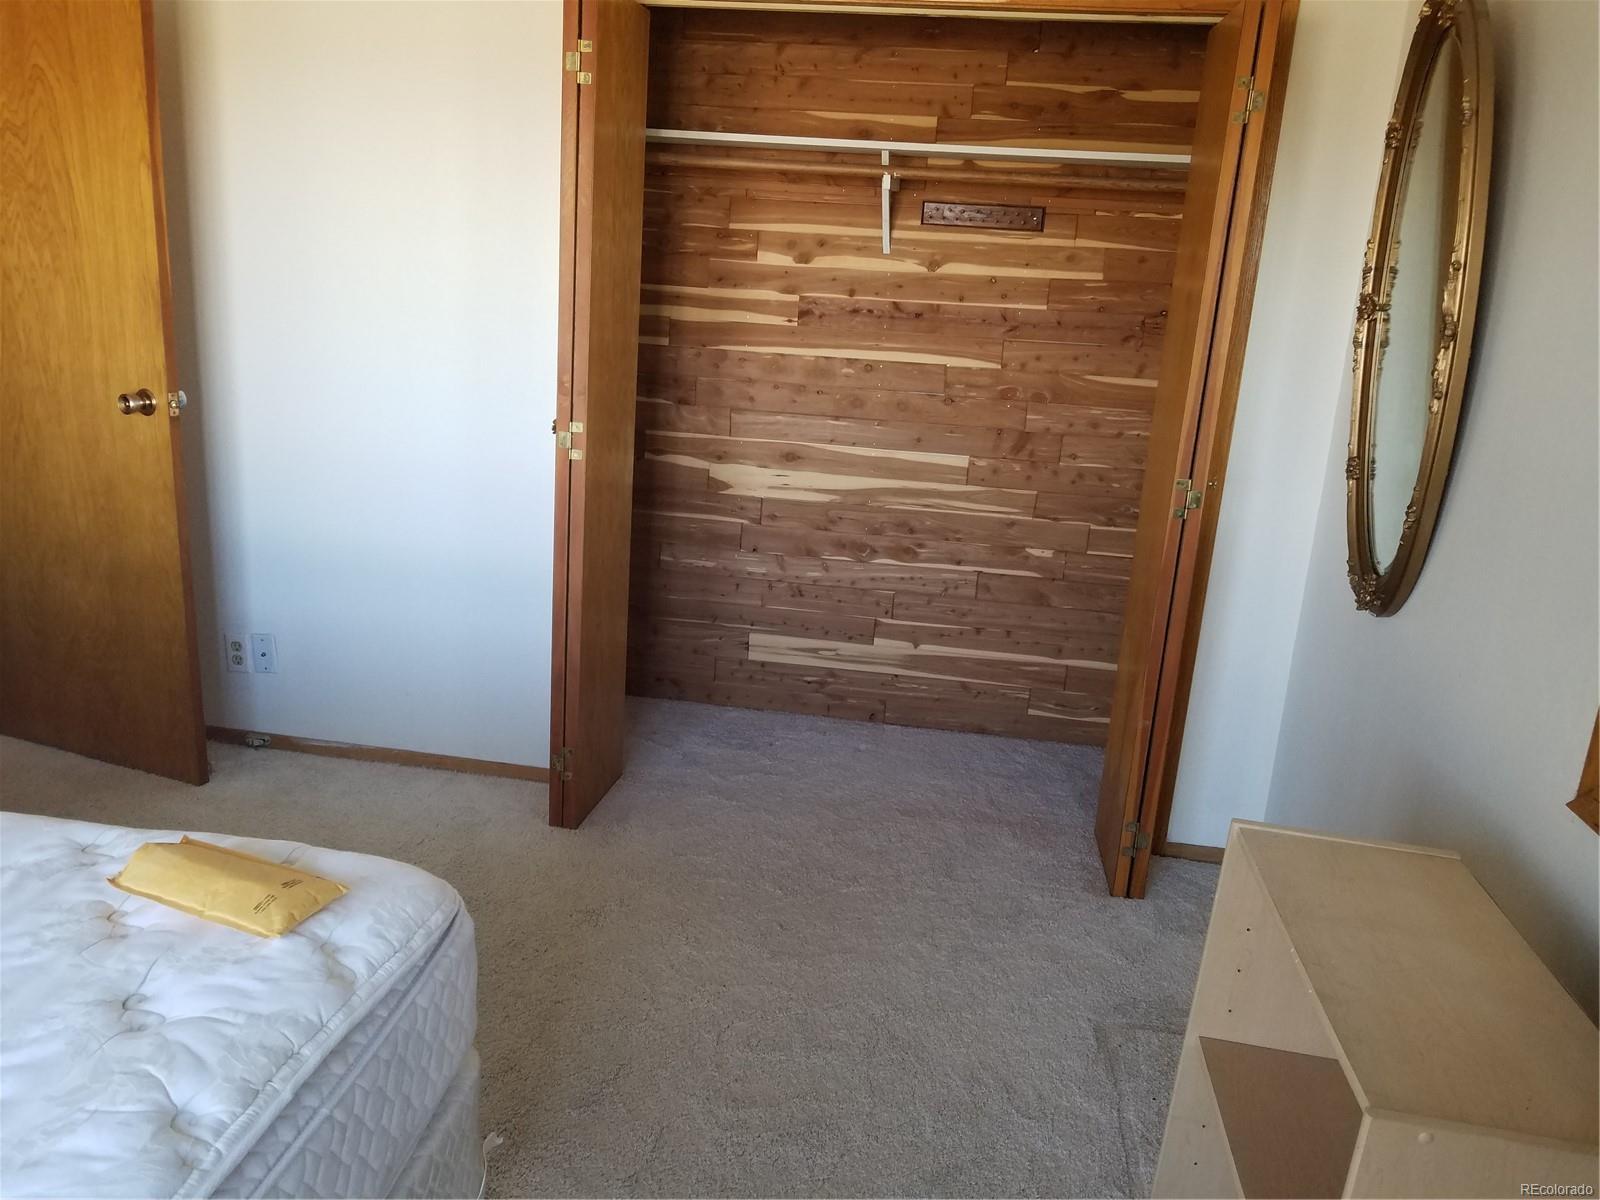 CEDAR CLOSED IN MASTER BEDROOM